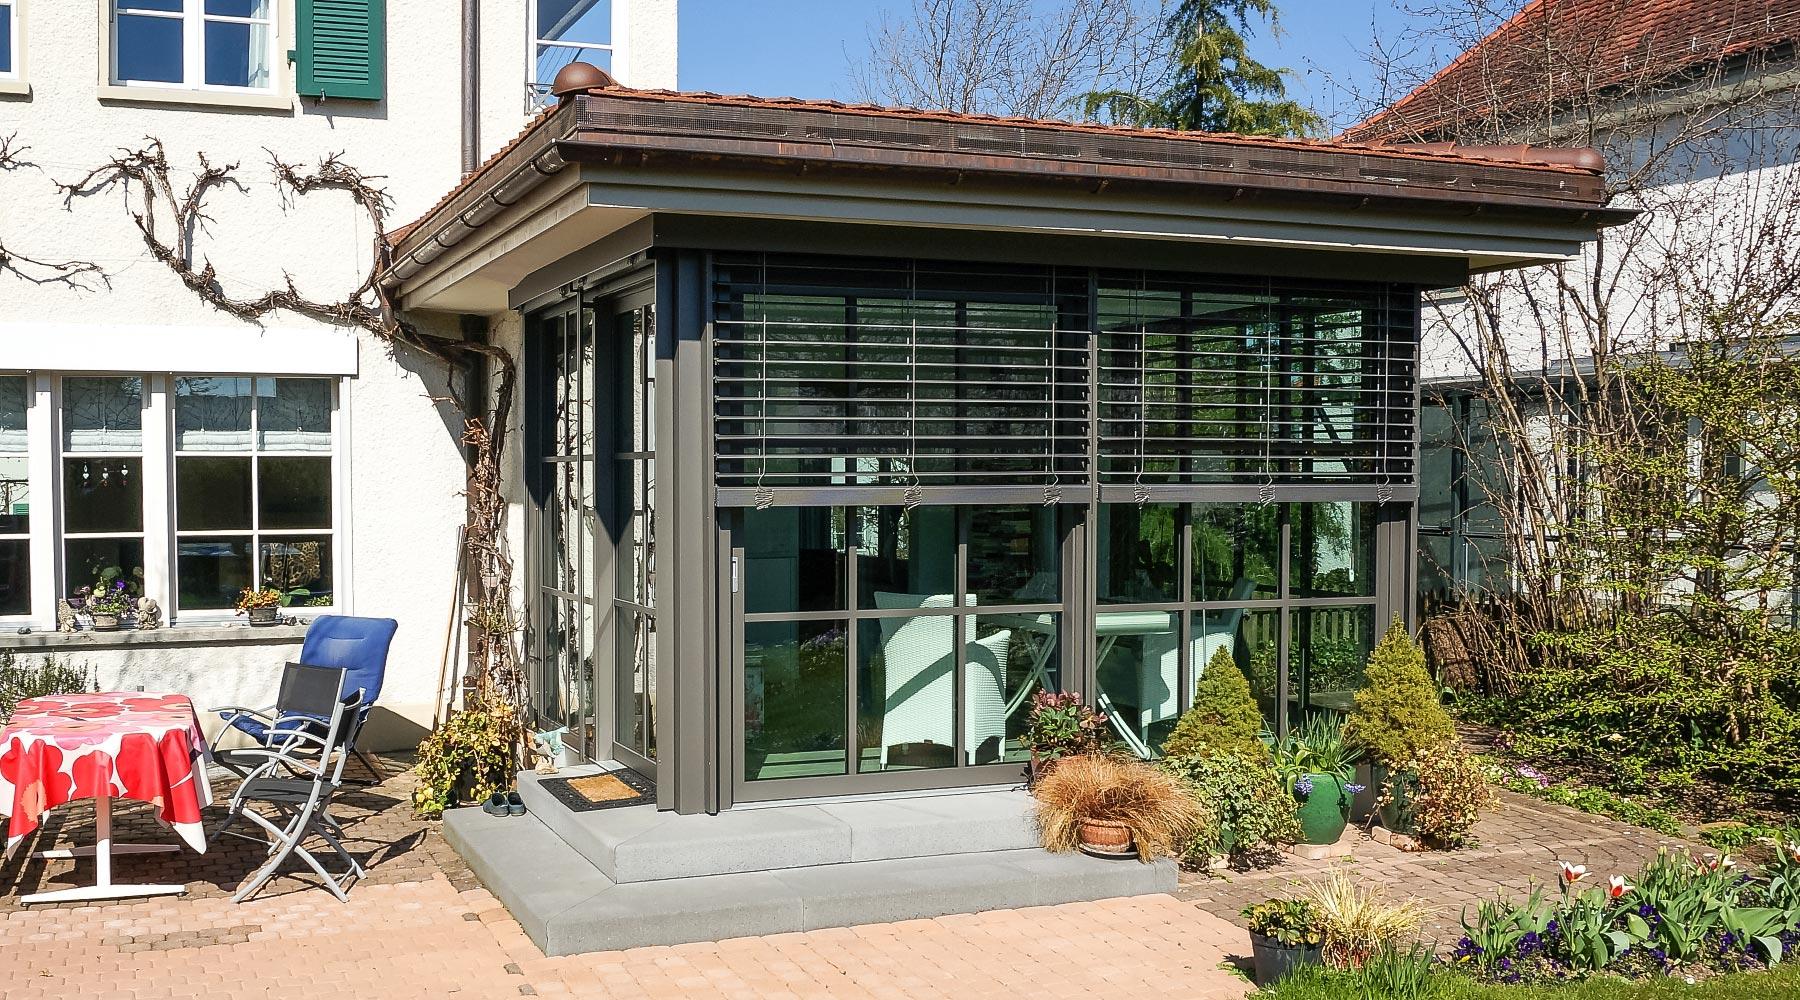 Mehr Wohnen | Home Wintergarten Zum Wohnen Anbau Idee